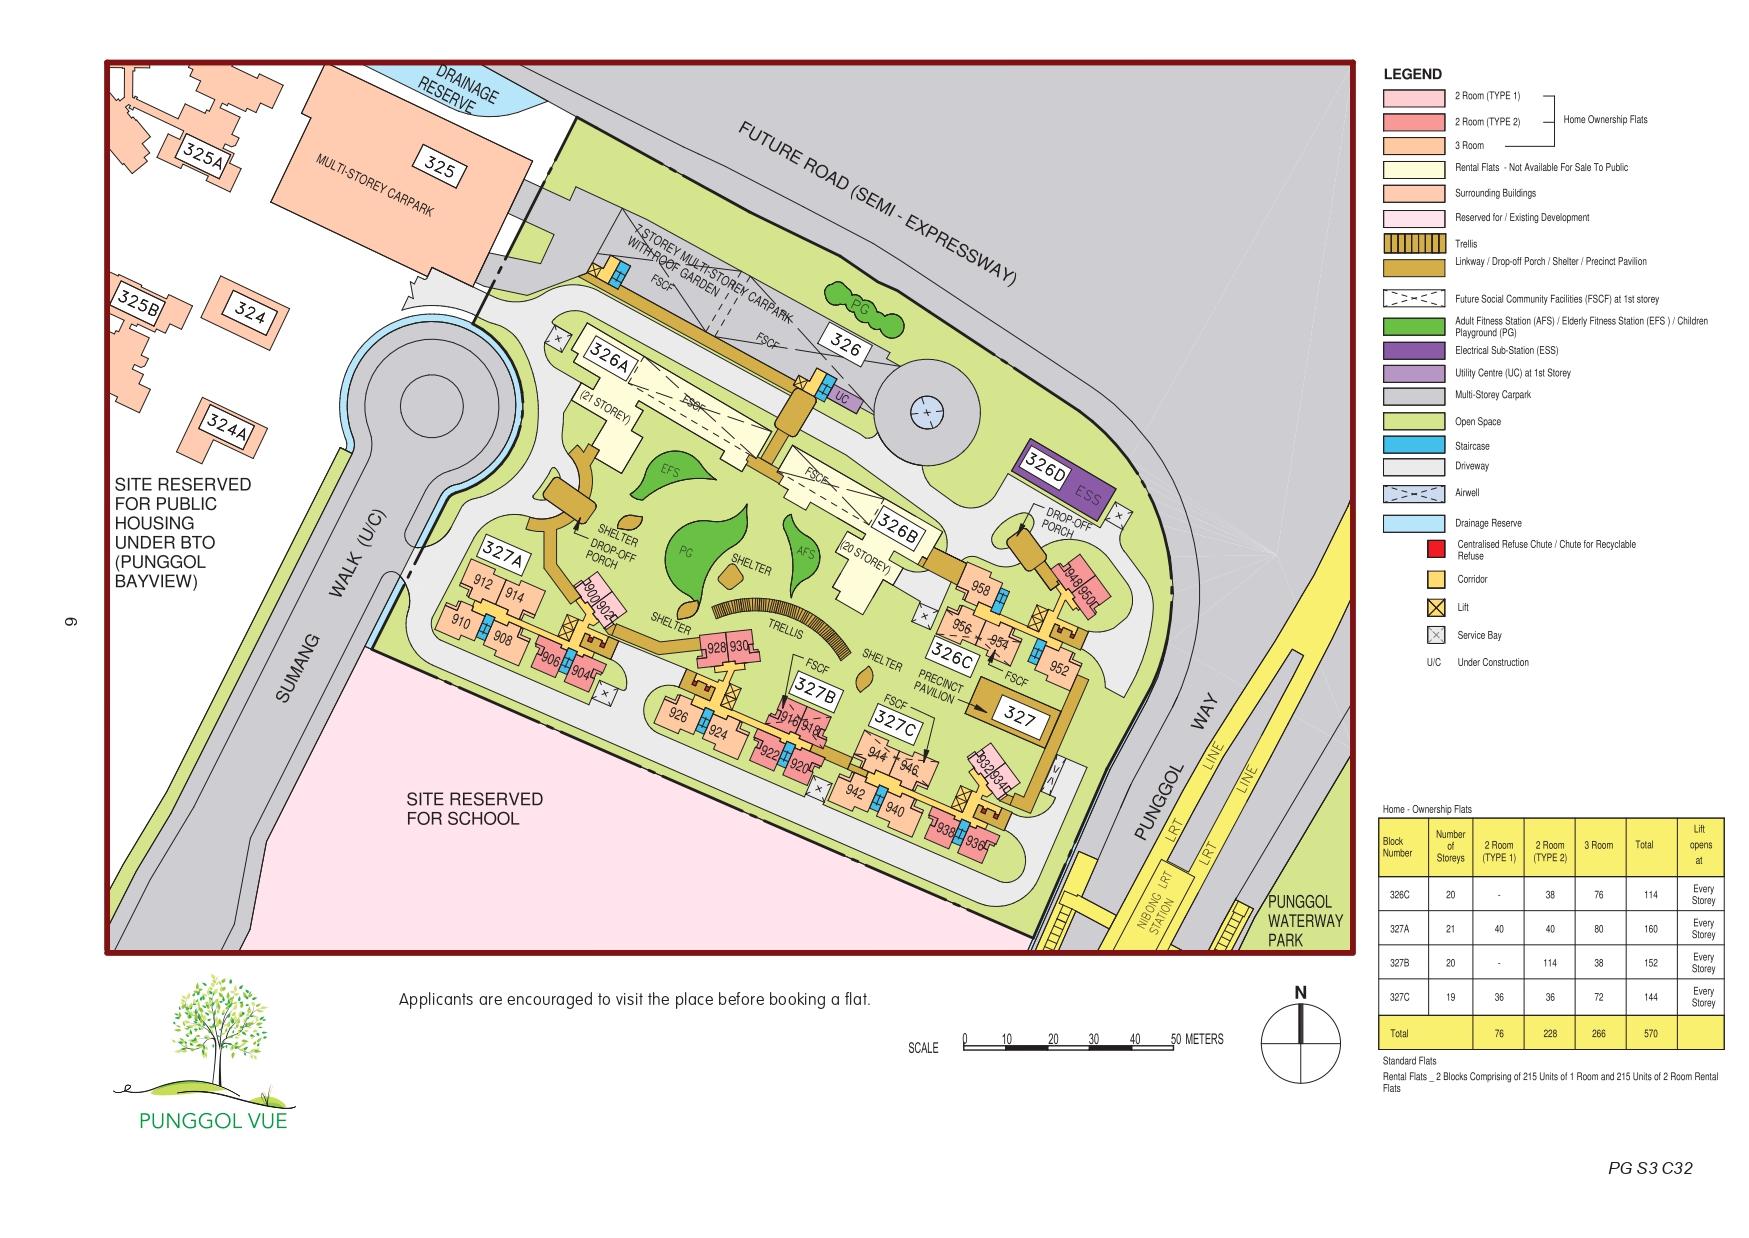 Punggol Vue Site Plan